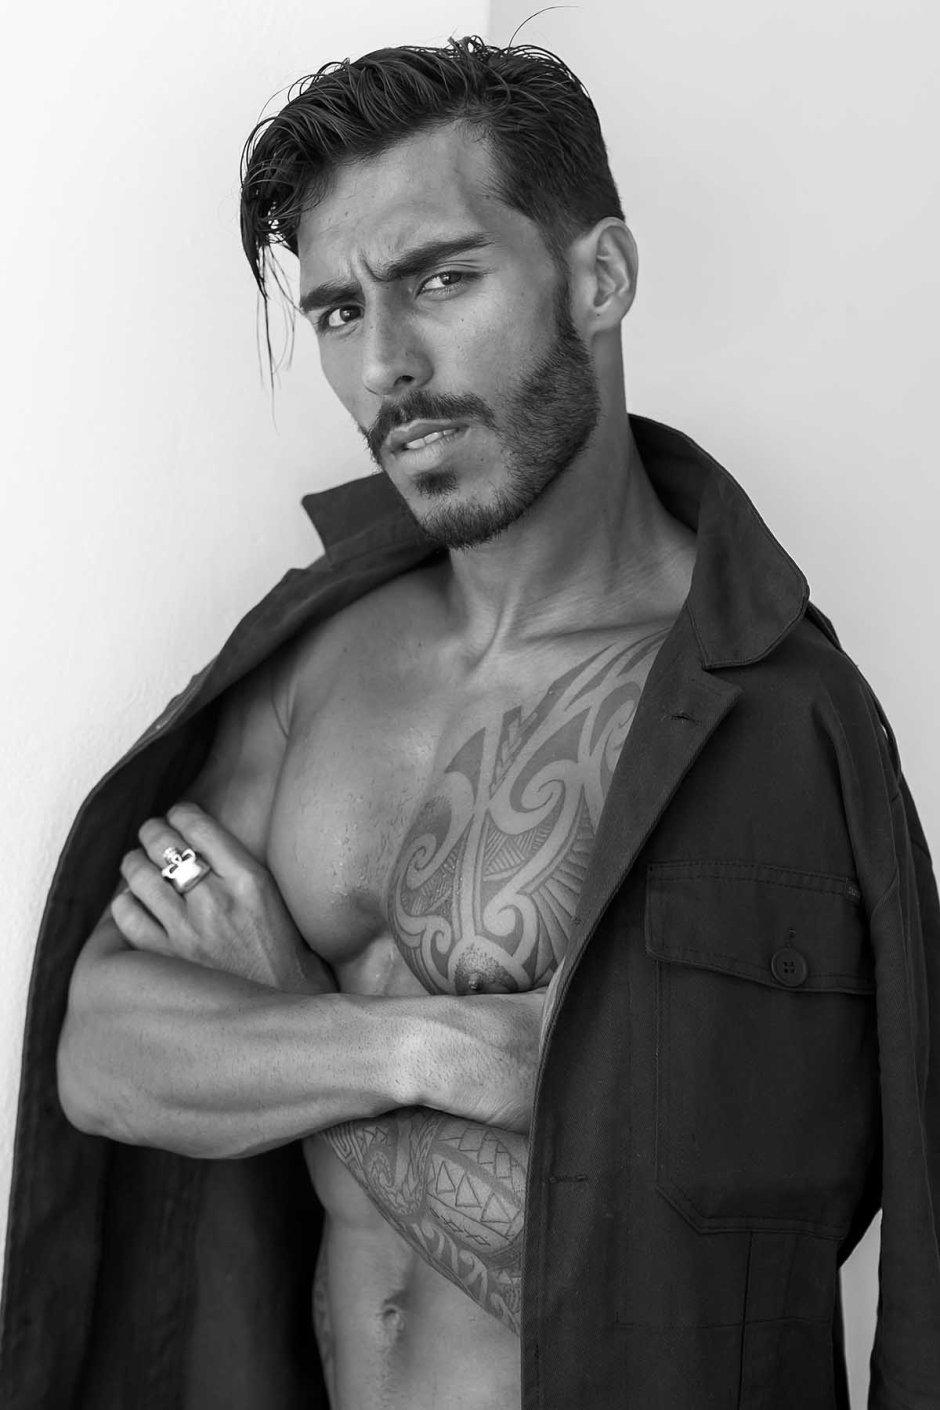 Paulo Philippe by Thiago Martini for Brazilian Male Model_007